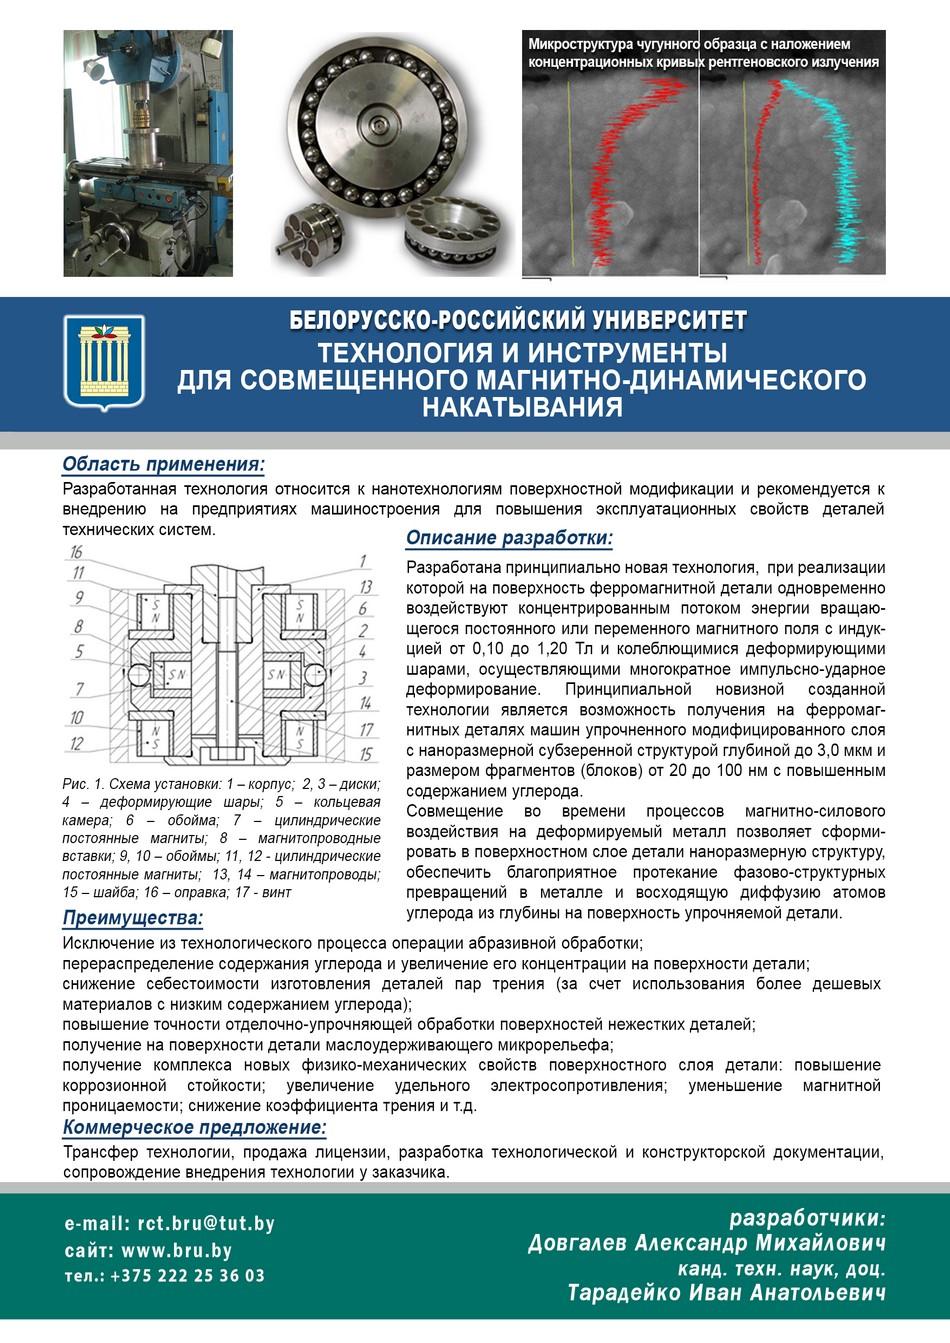 Технология и инструменты для совмещенного магнитно-динамического накатывания